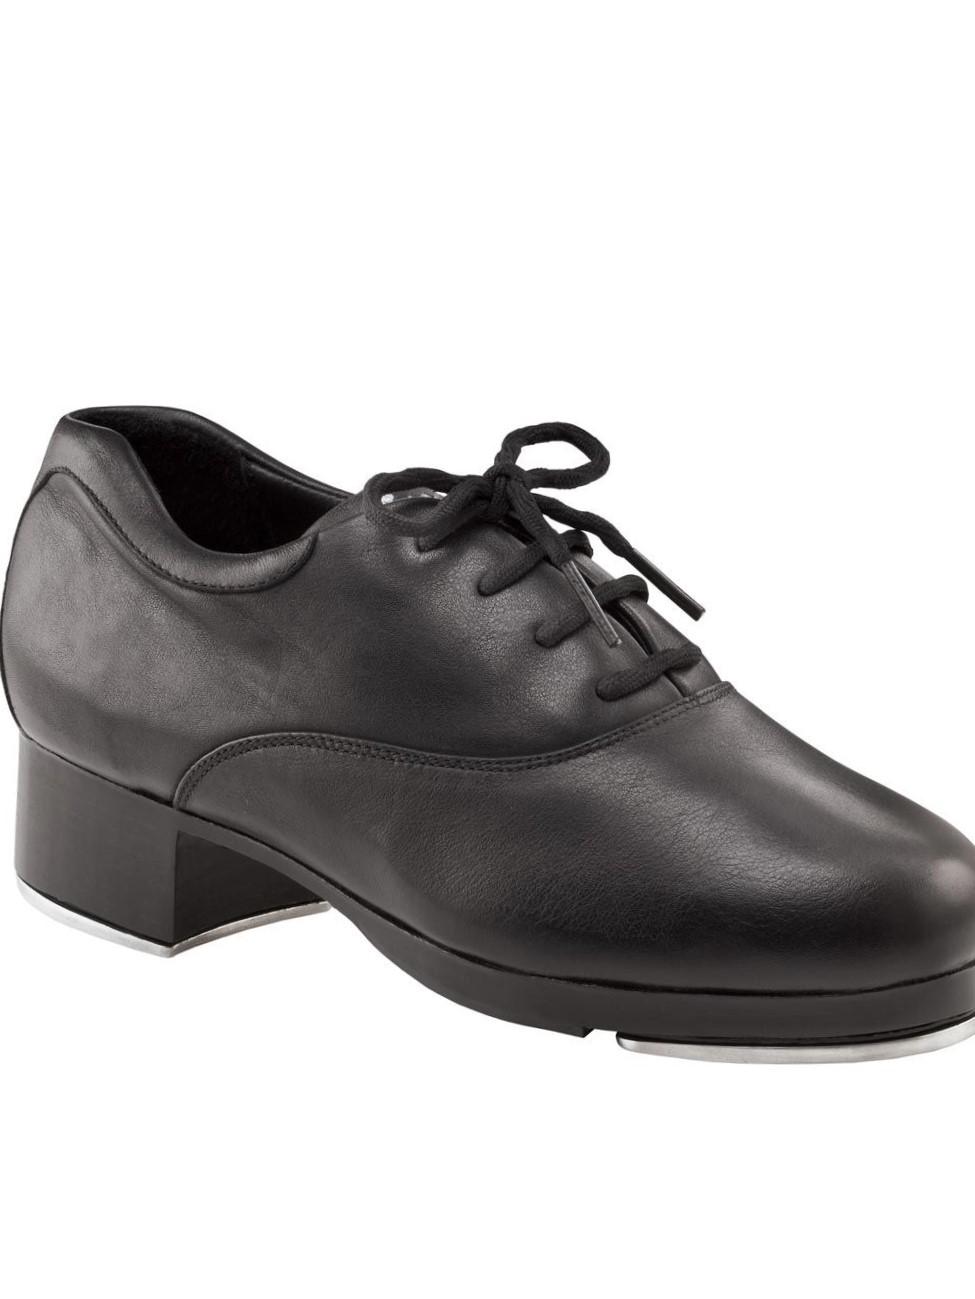 Capezio Classic Tap Shoe